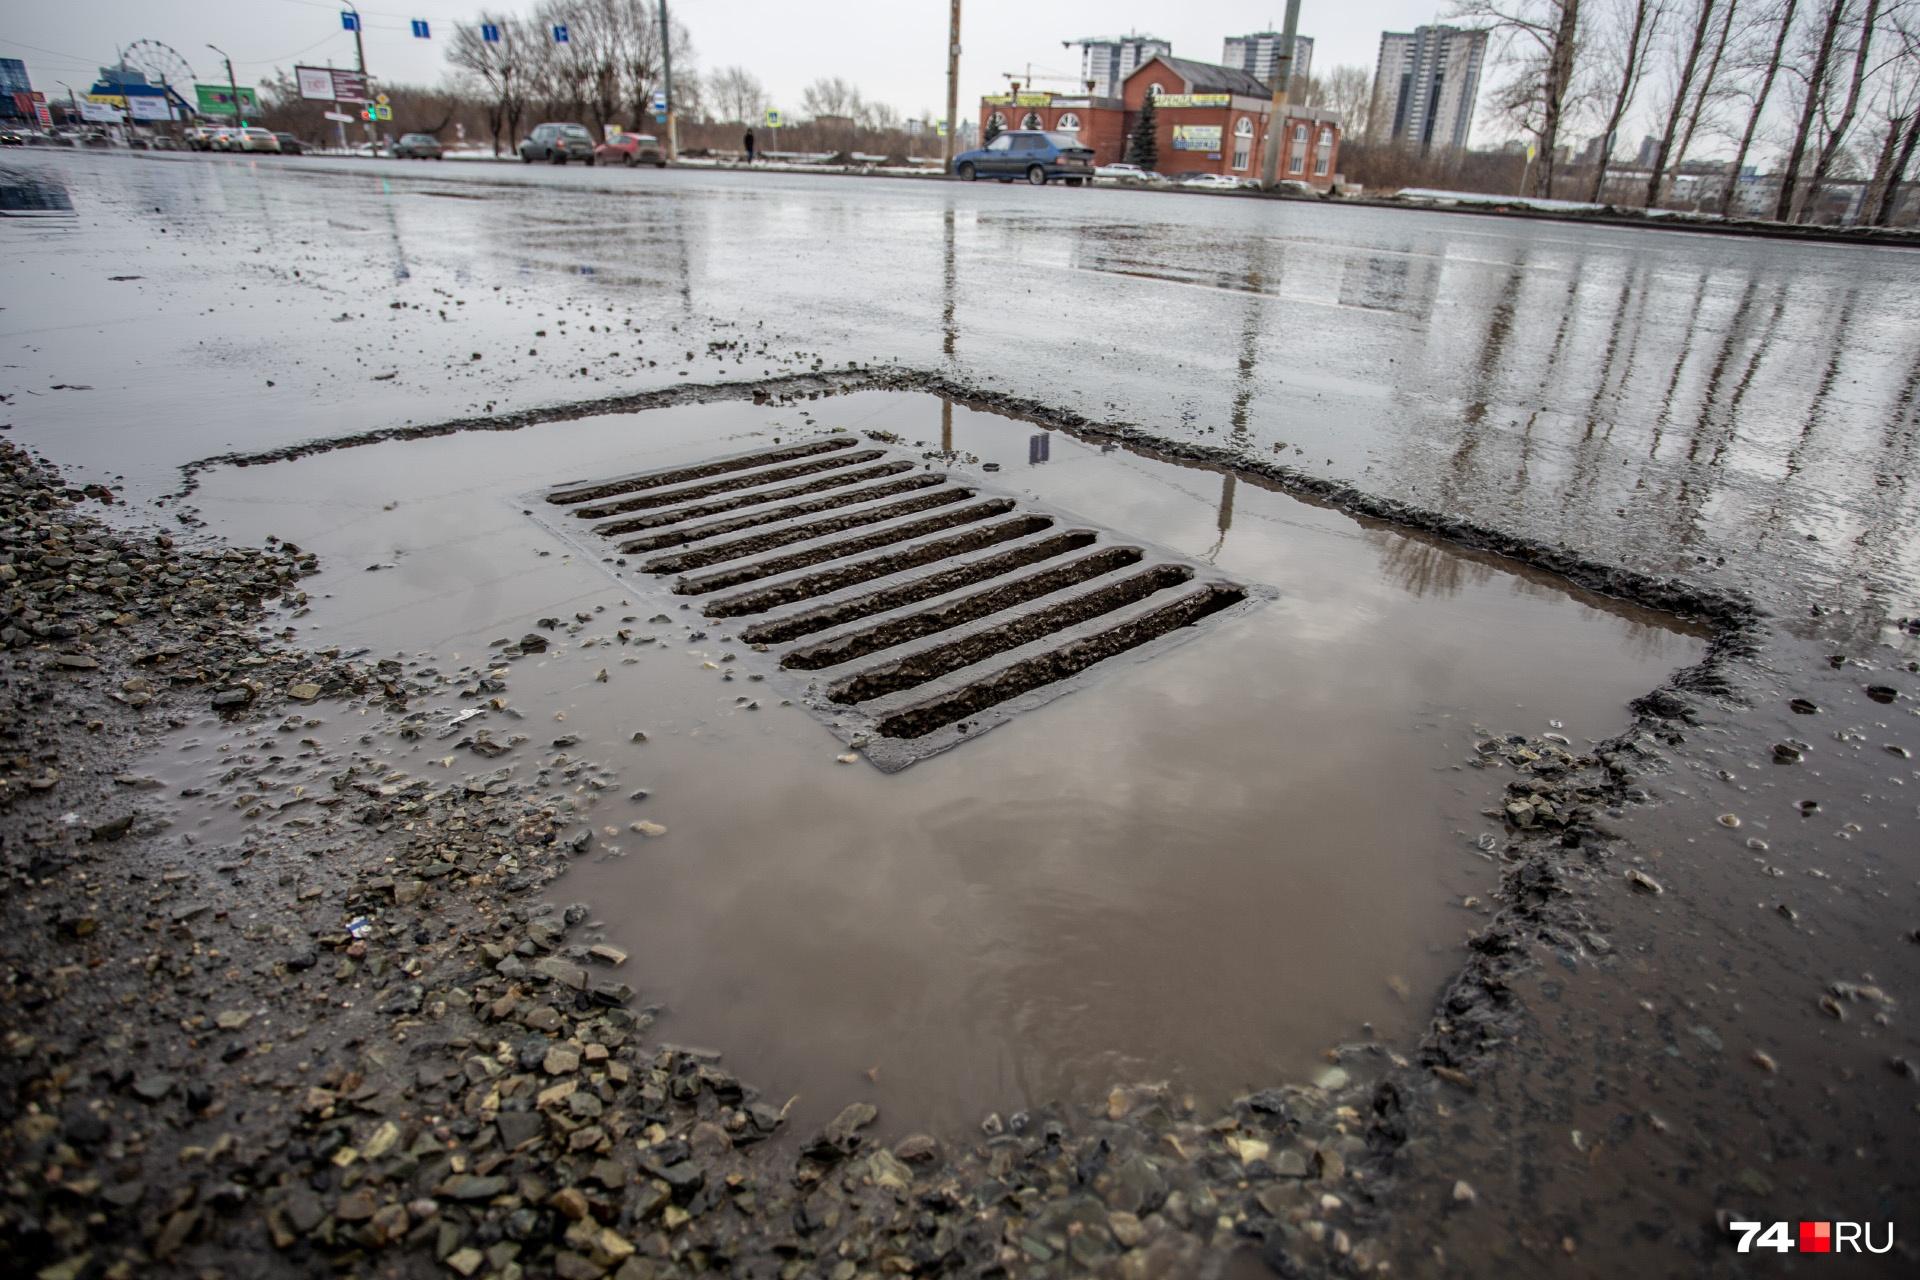 Этот участок улицы Братьев Кашириных ремонтировали в прошлом году...